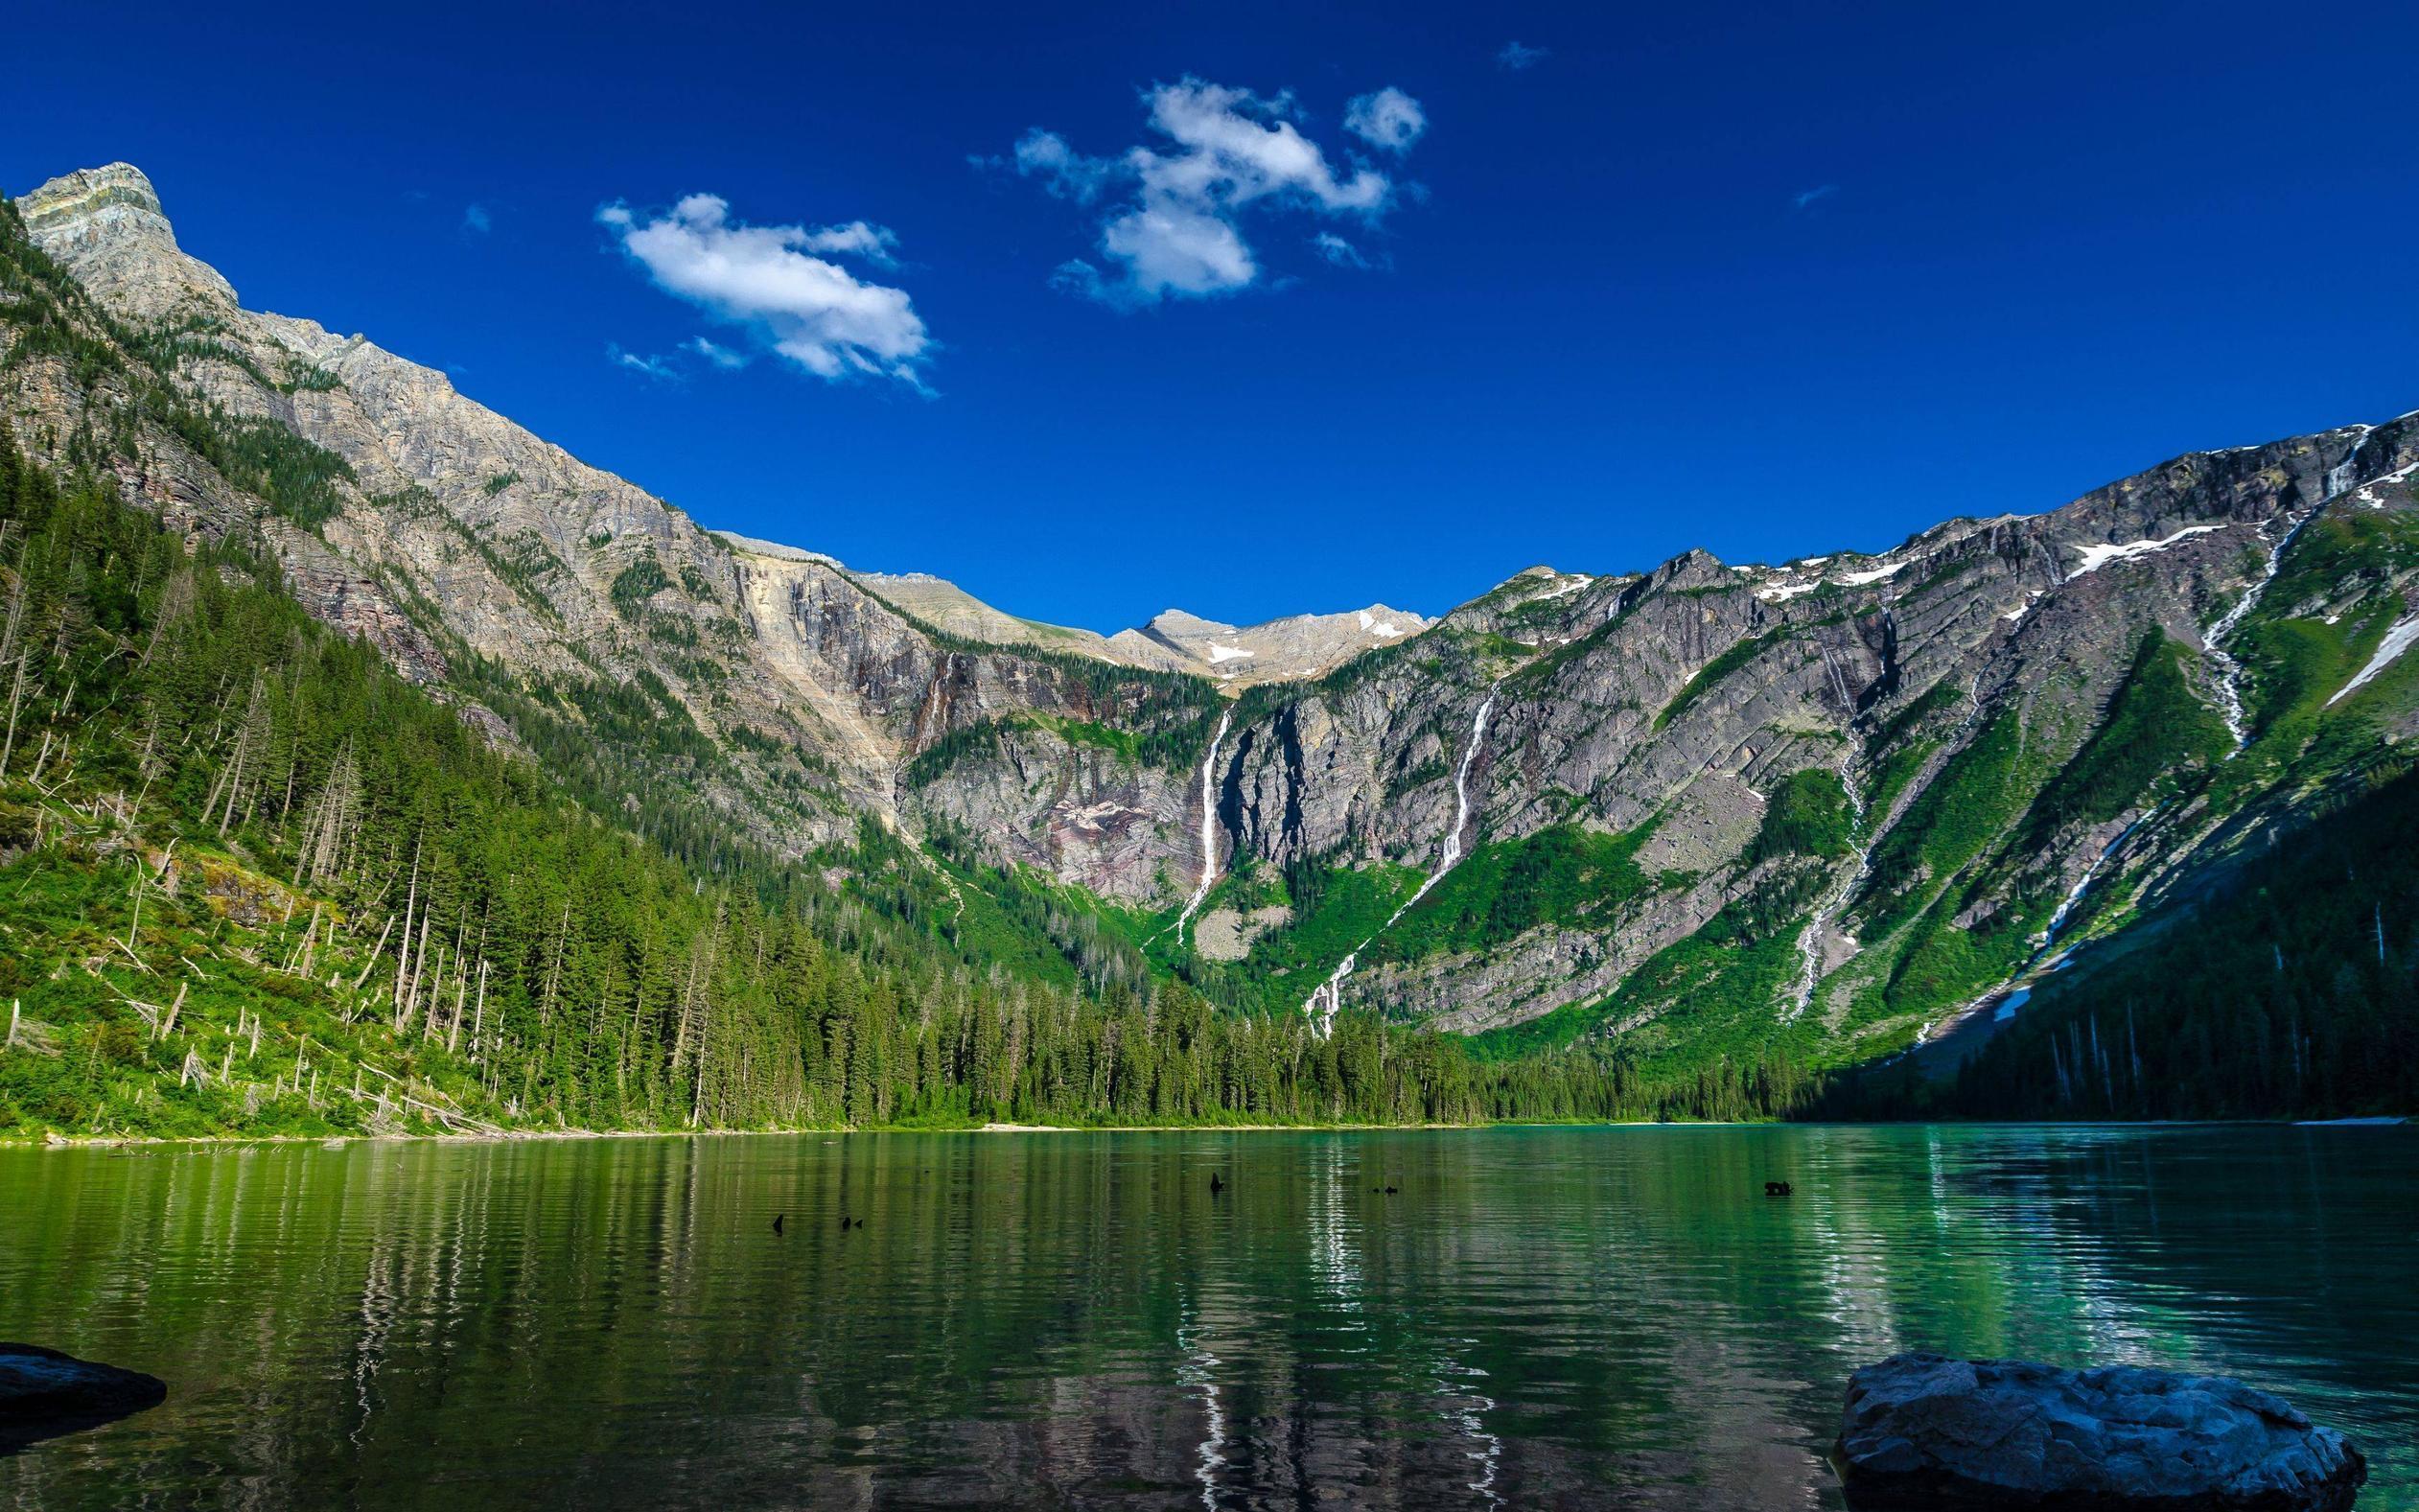 Озеро в пустынных горах бесплатно